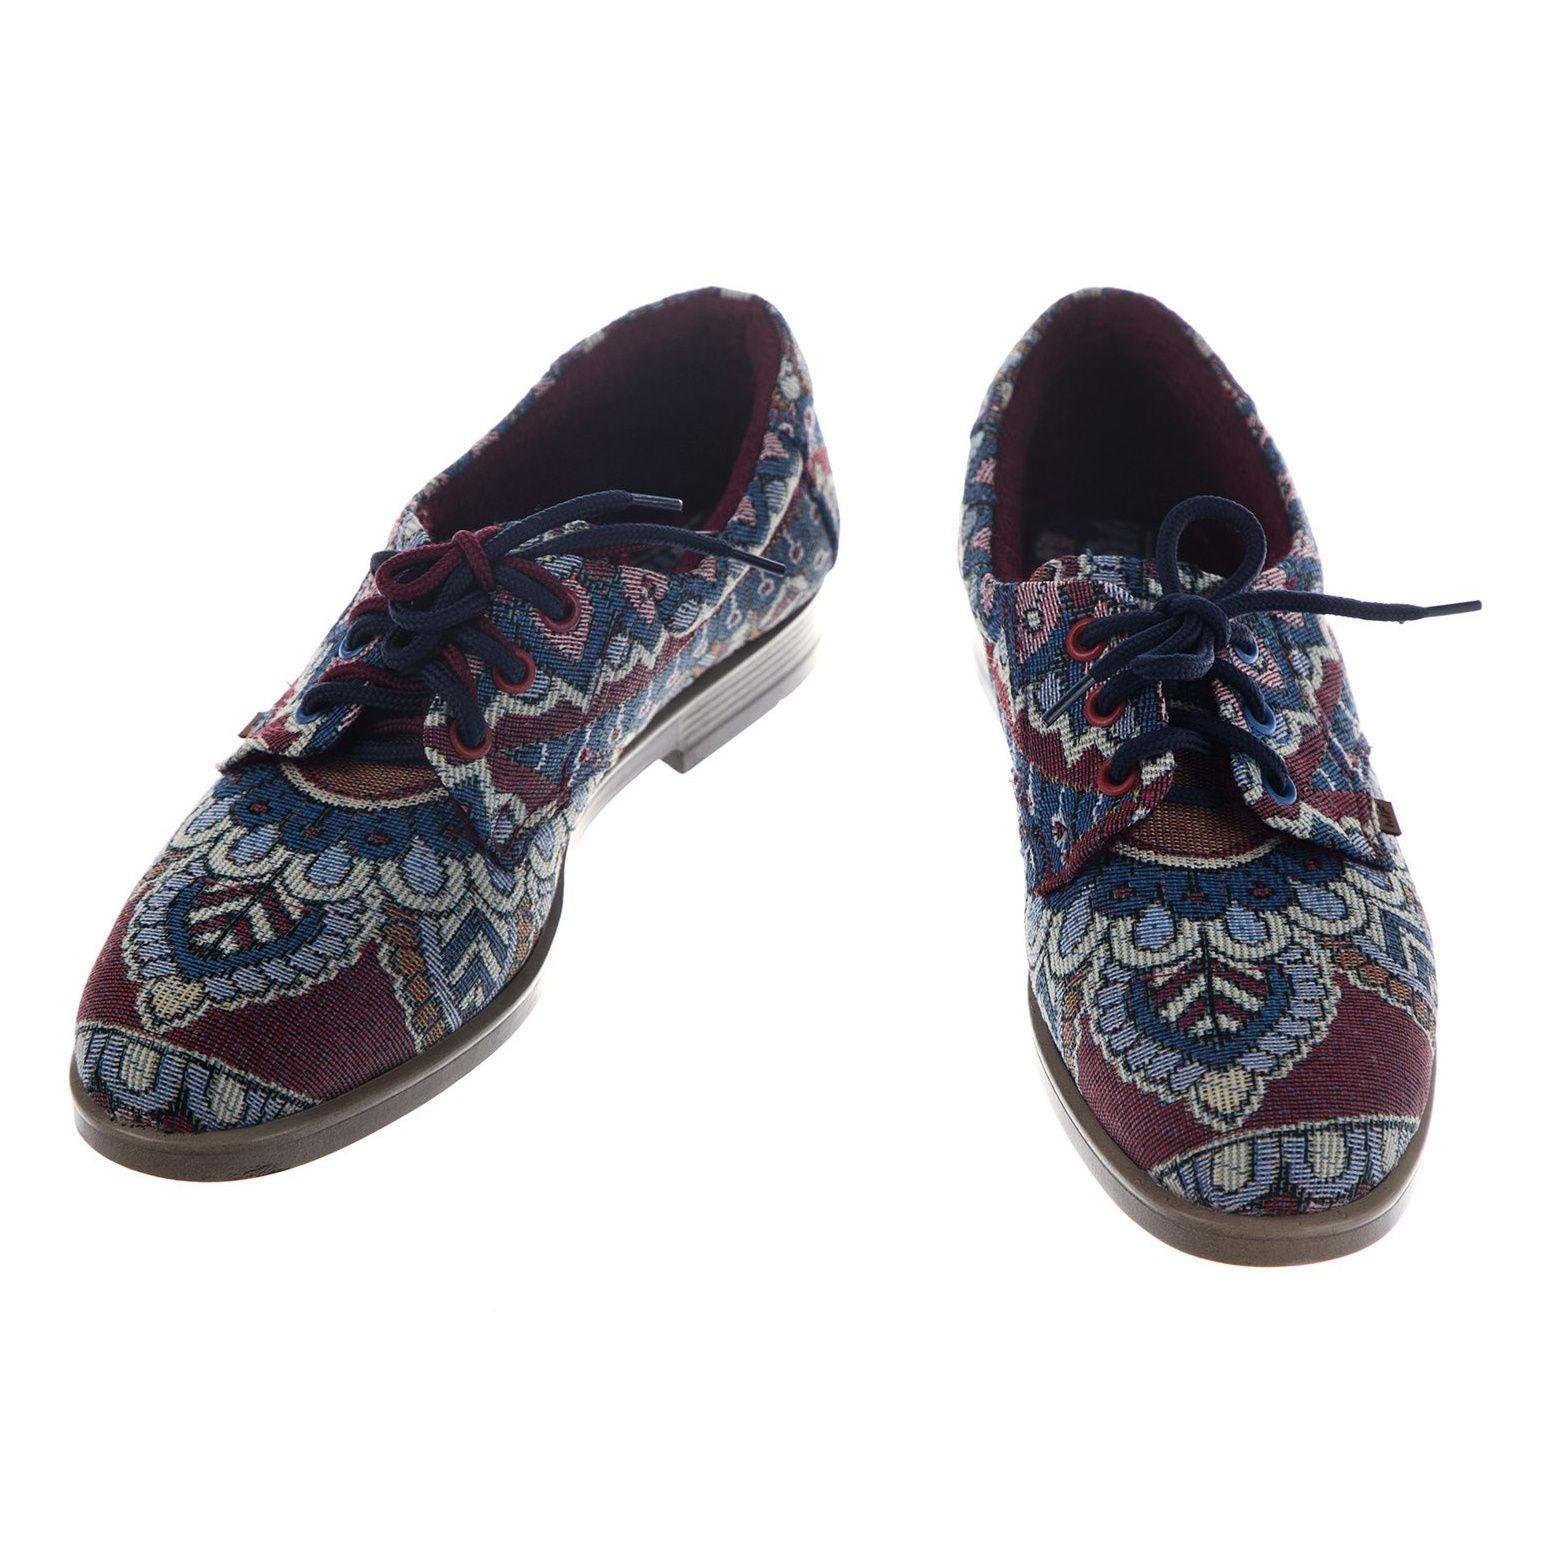 کفش تخت زنانه مدل طاووس - مینا فخارزاده - آبی / زرشکی - 4